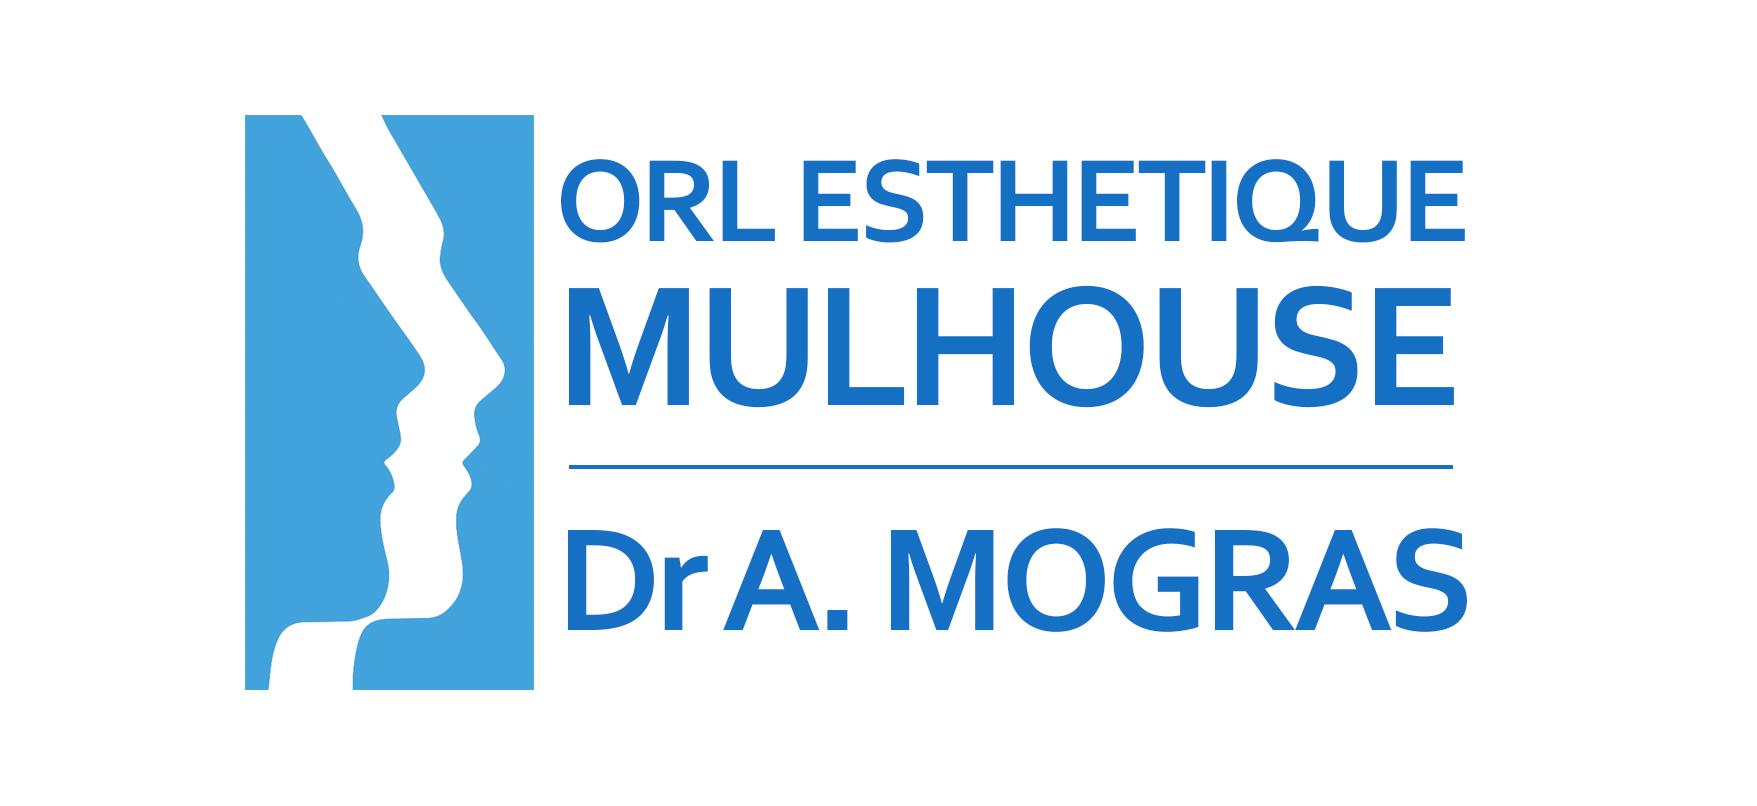 orl-esthetique-mulhouse